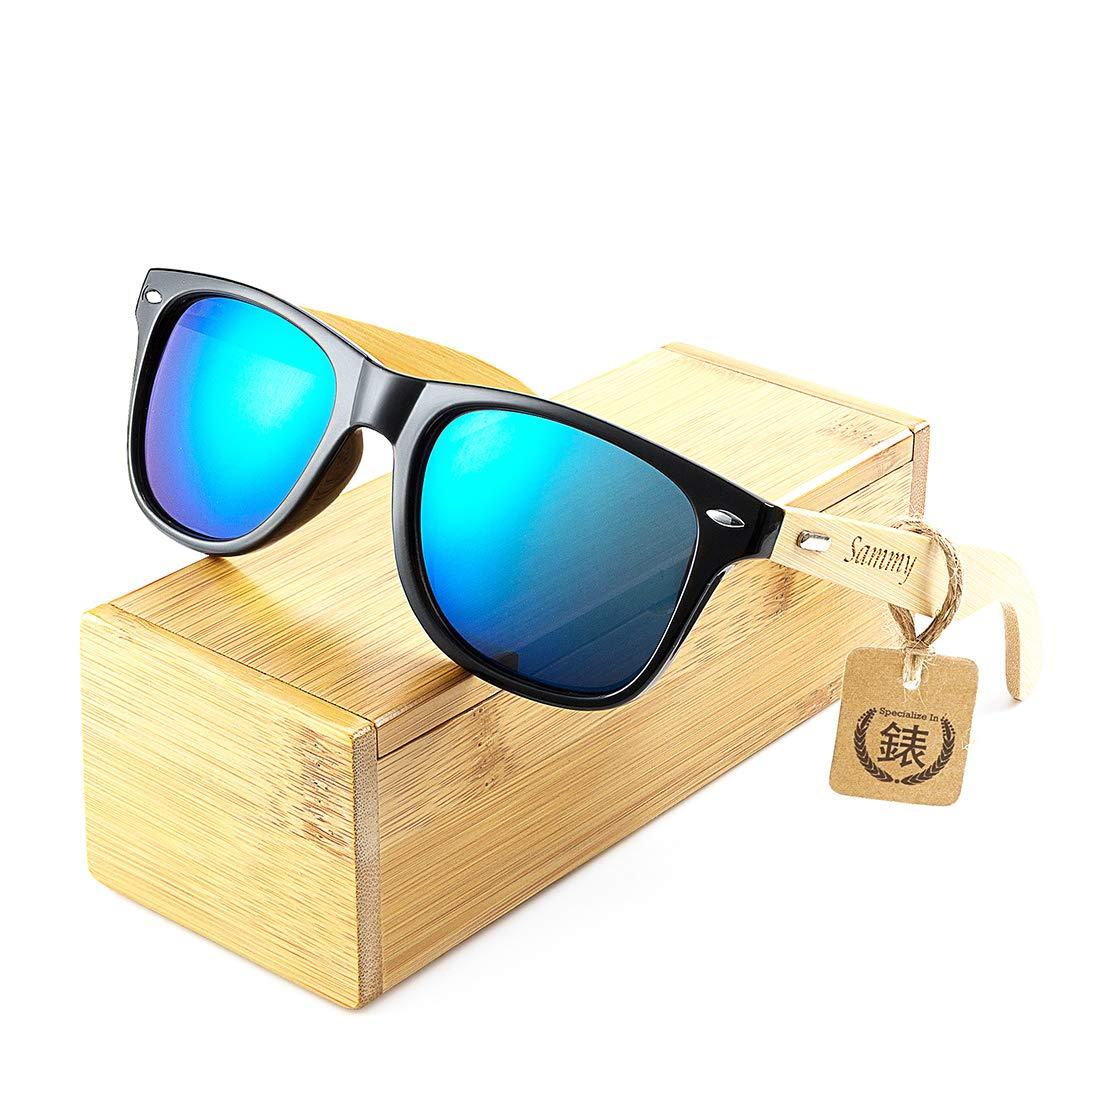 Amazon.com: awerise personalizado madera anteojos de sol ...